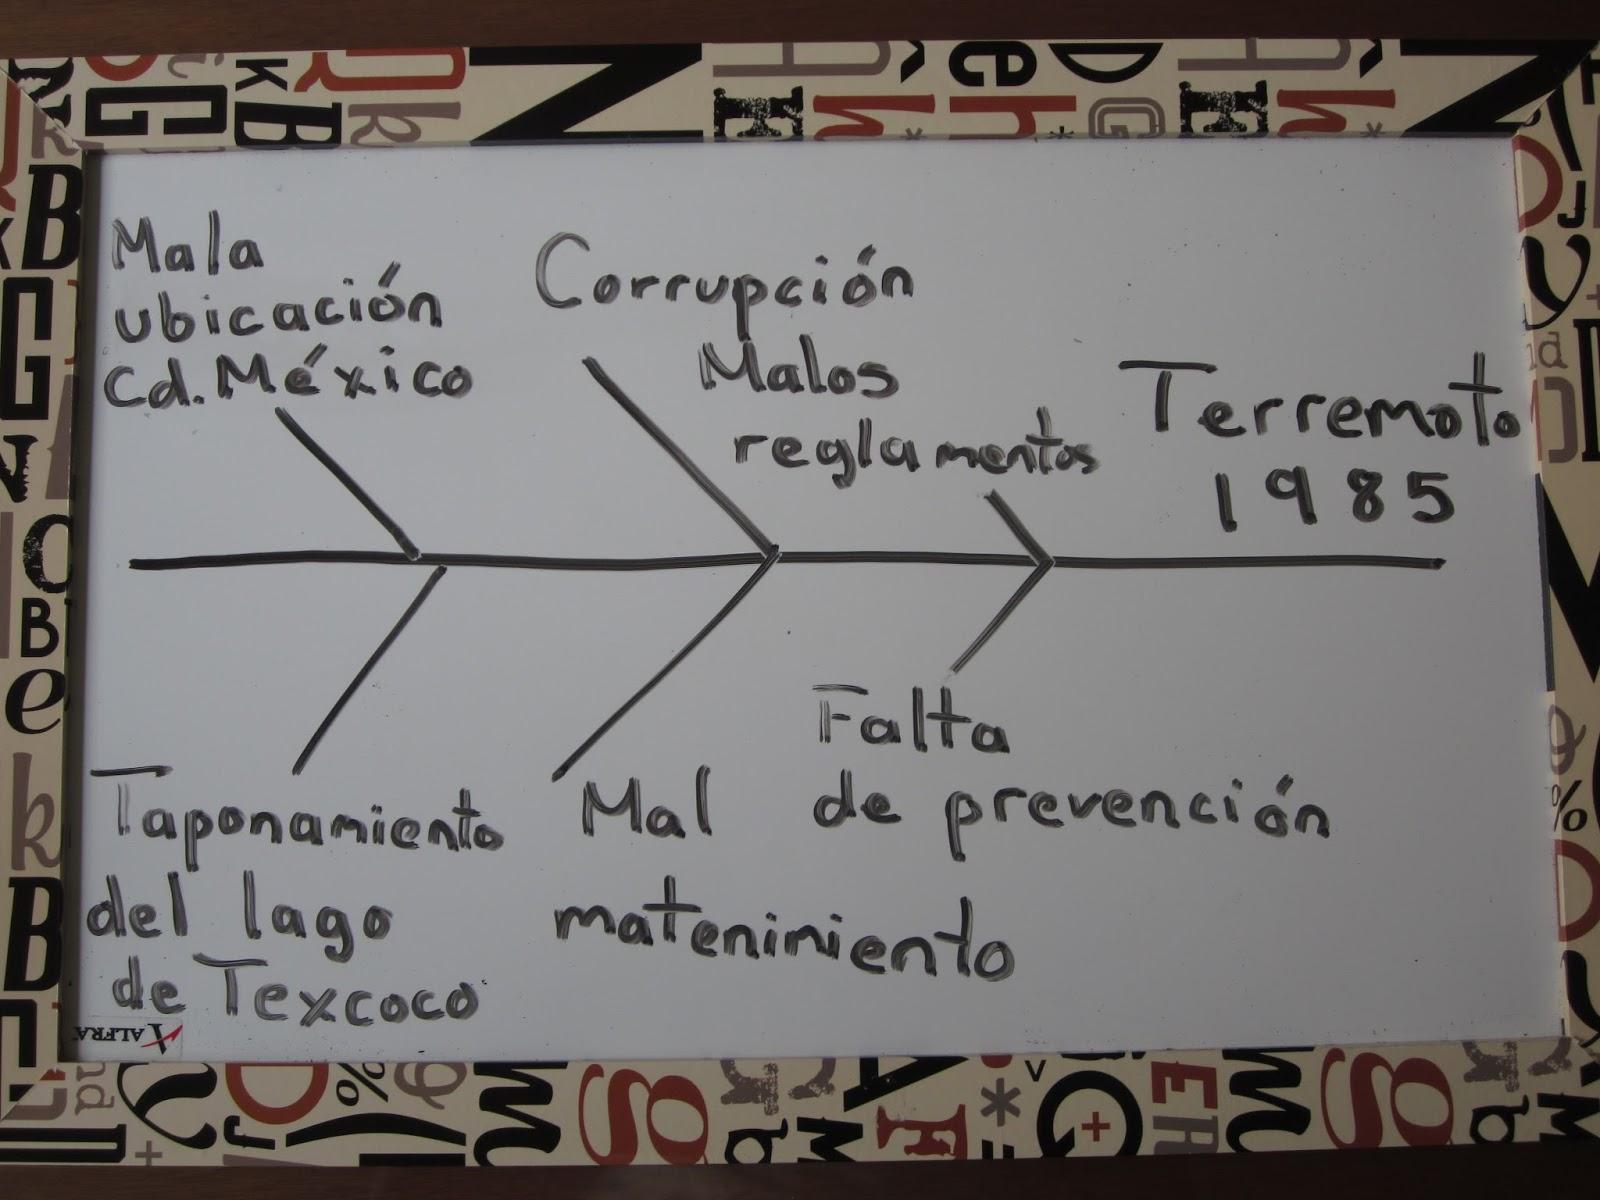 Diagrama de causa-efecto. | Mileto